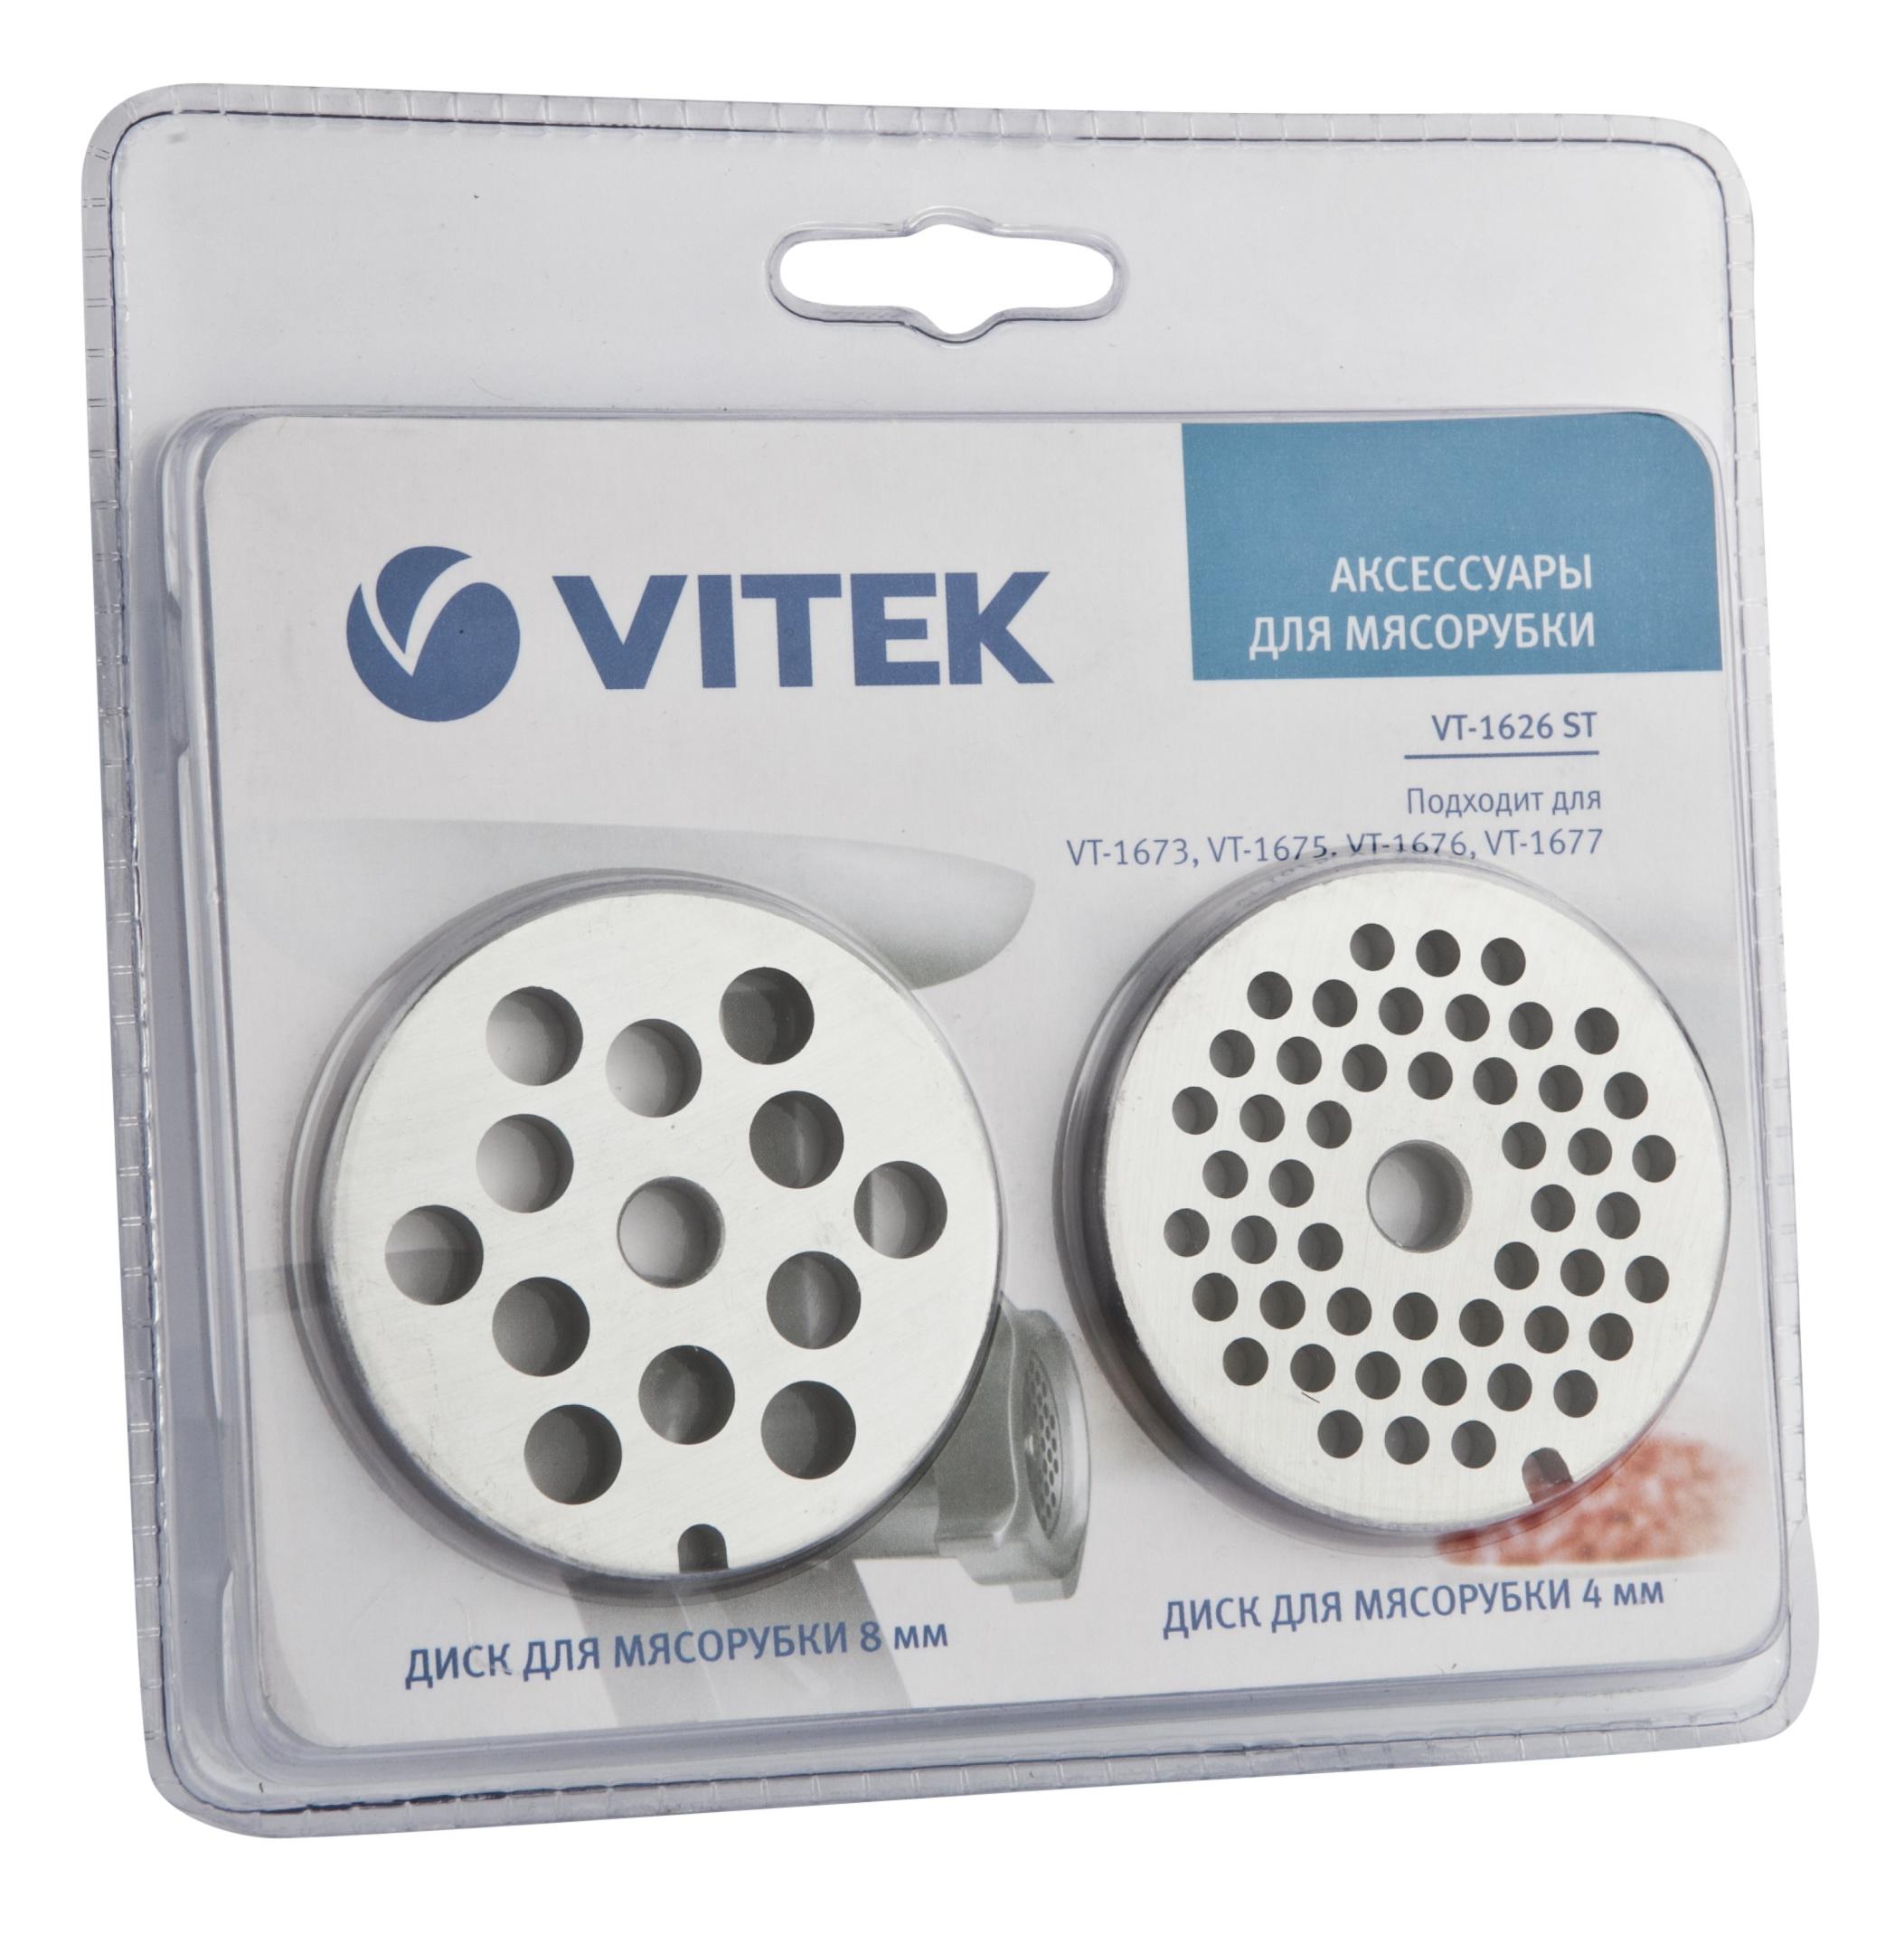 Дополнительный комплект Vitek Vt-1626(st)